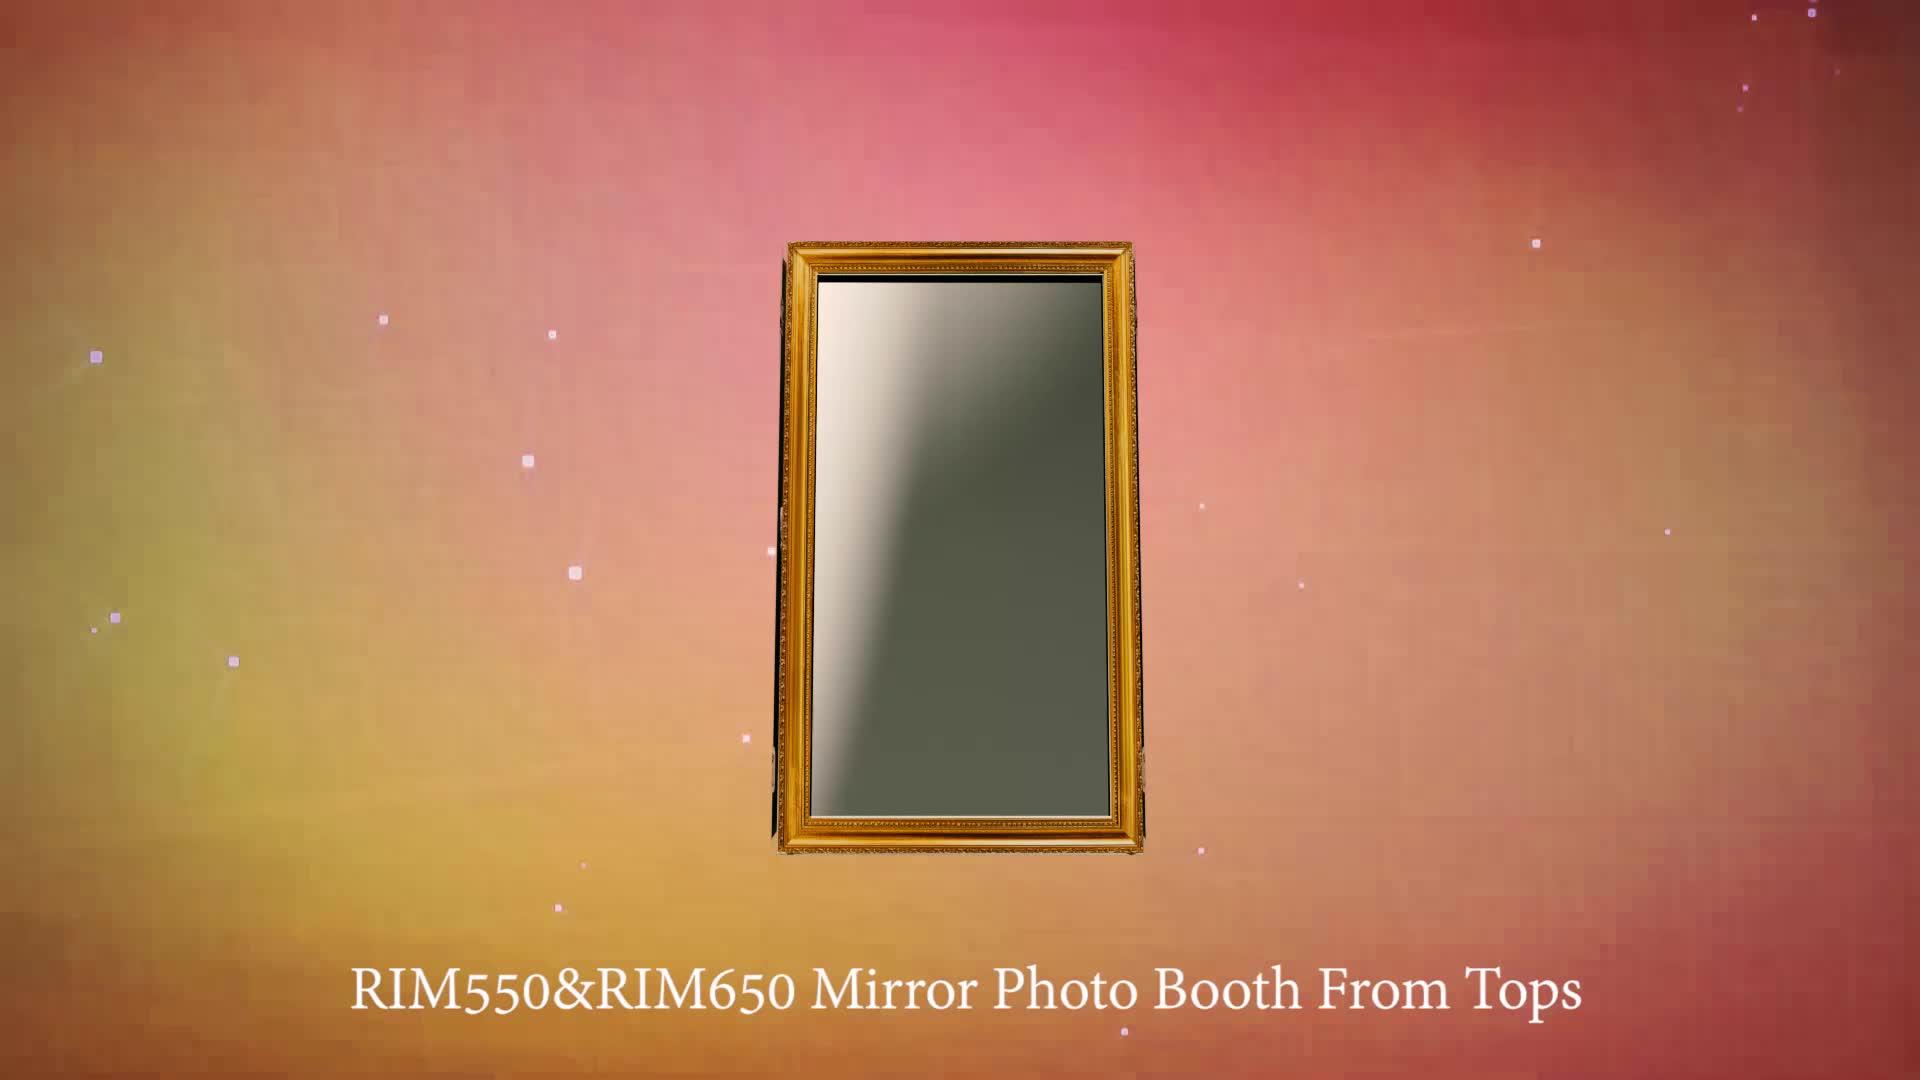 Miroir cabine photobooth machine rétro fête de mariage photo stand kiosque selfie station